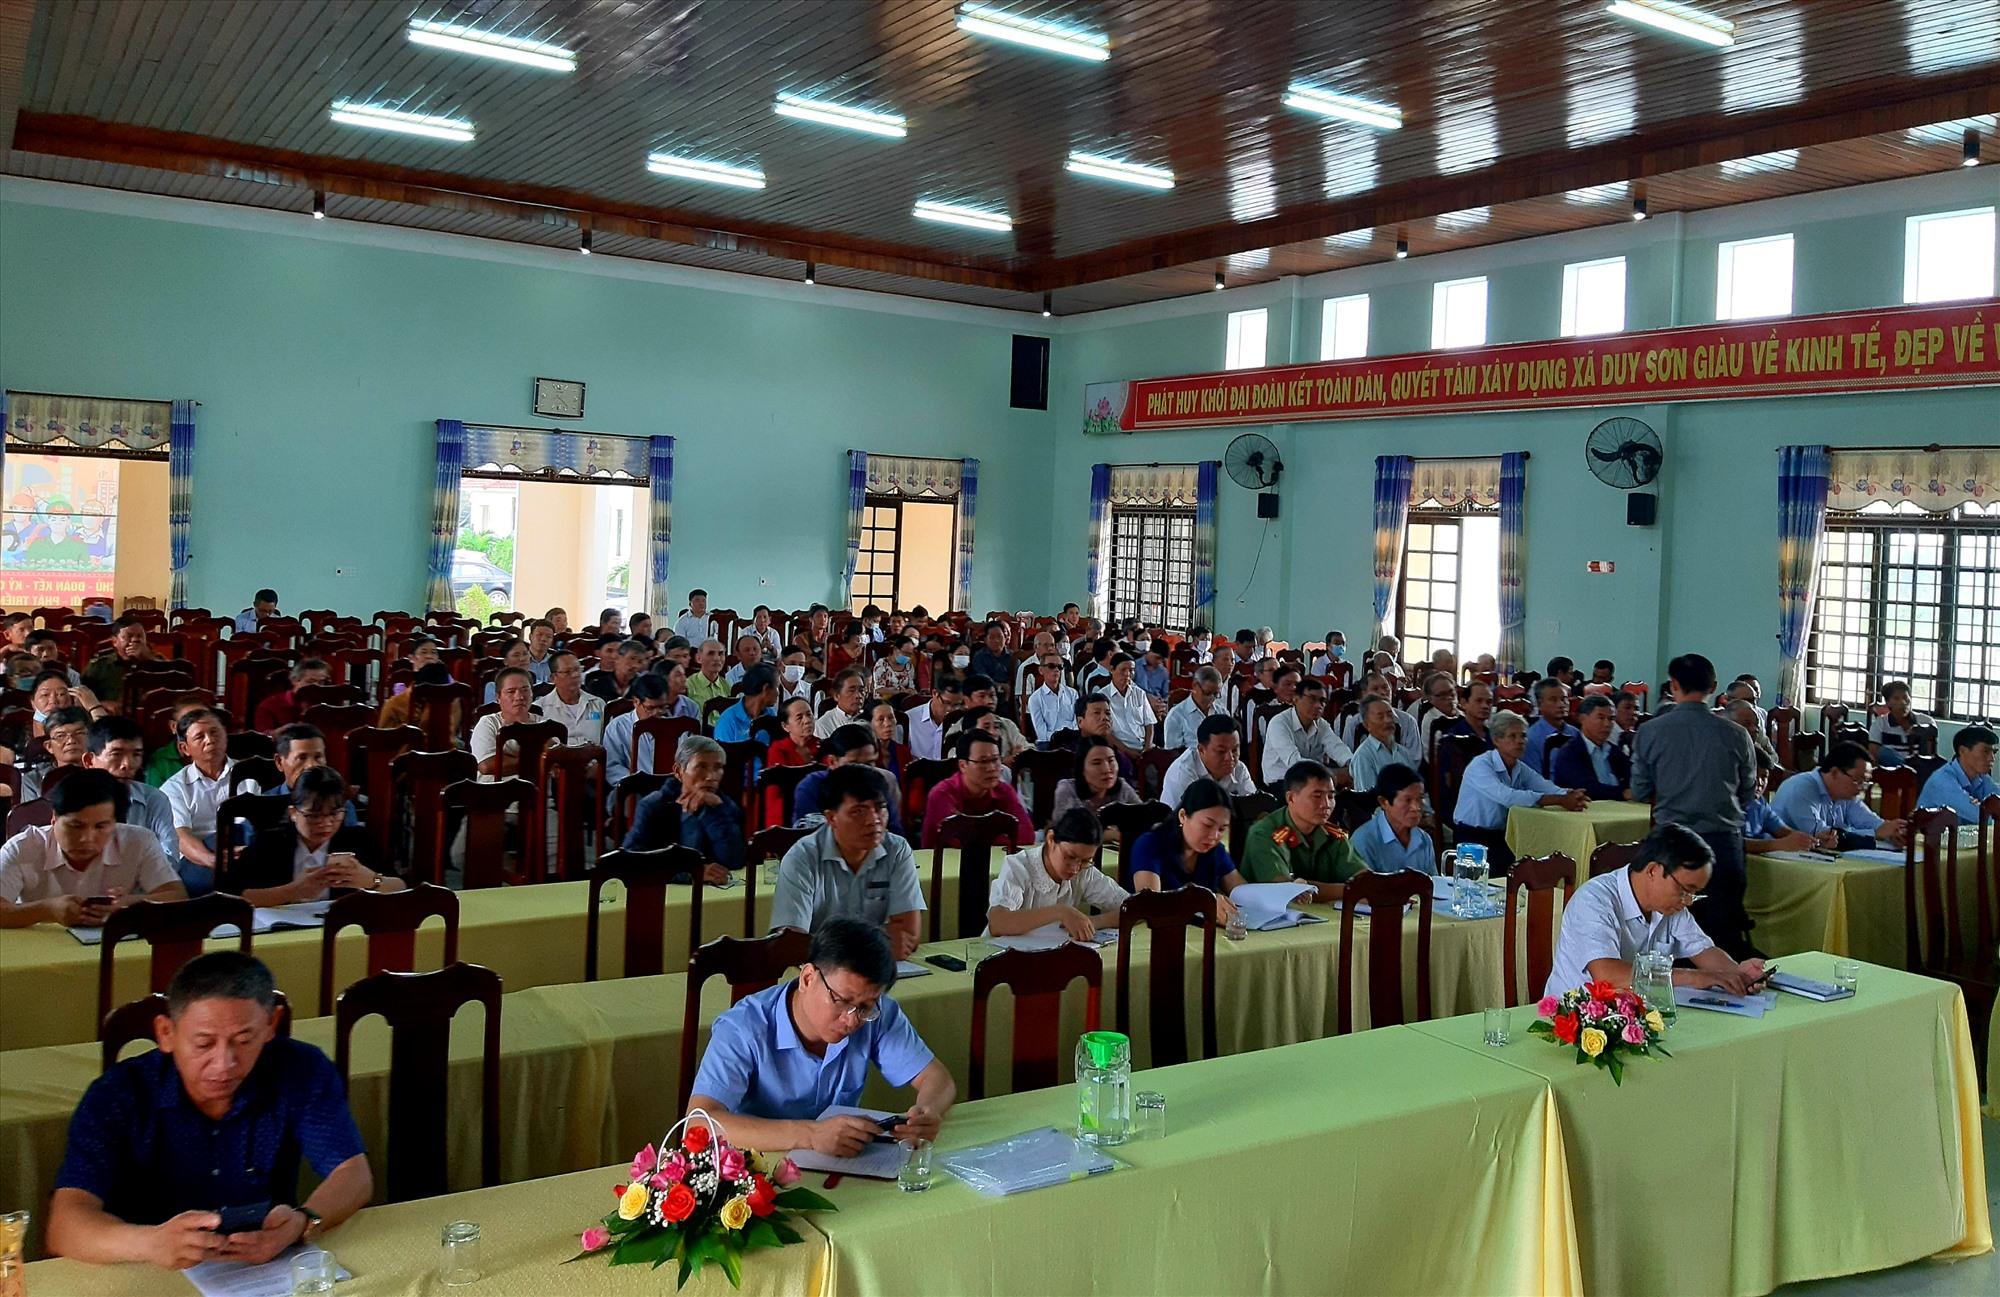 Đông đảo cử tri ở 3 xã Duy Trung, Duy Sơn, Duy Trinh (Duy Xuyên) tham gia buổi tiếp xúc với các ĐBQH tỉnh.   Ảnh: VĂN SỰ